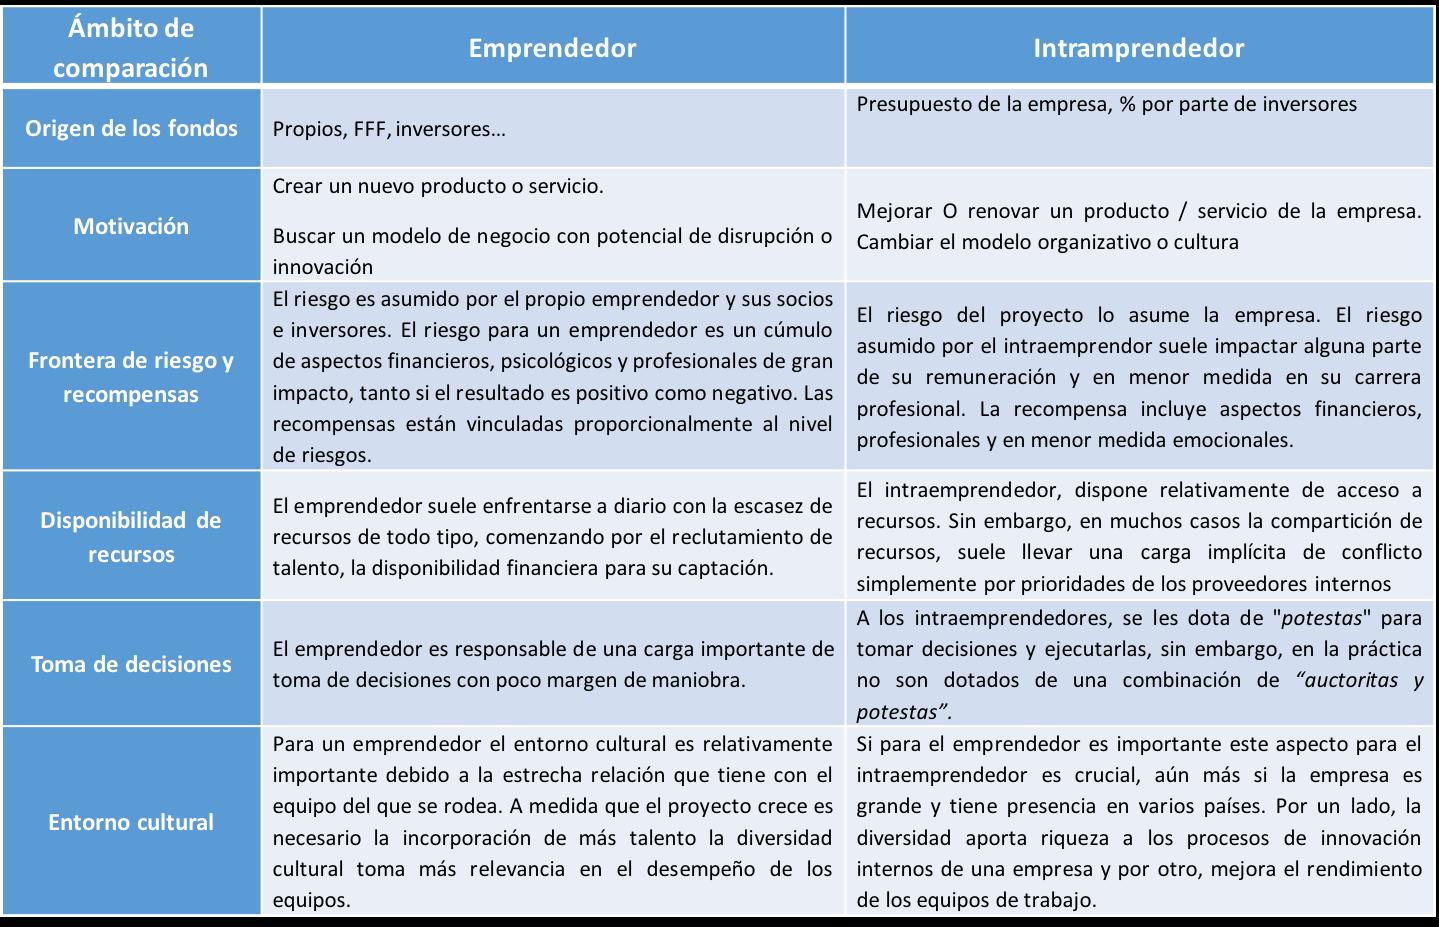 intraemprendedor_emprendedod.png